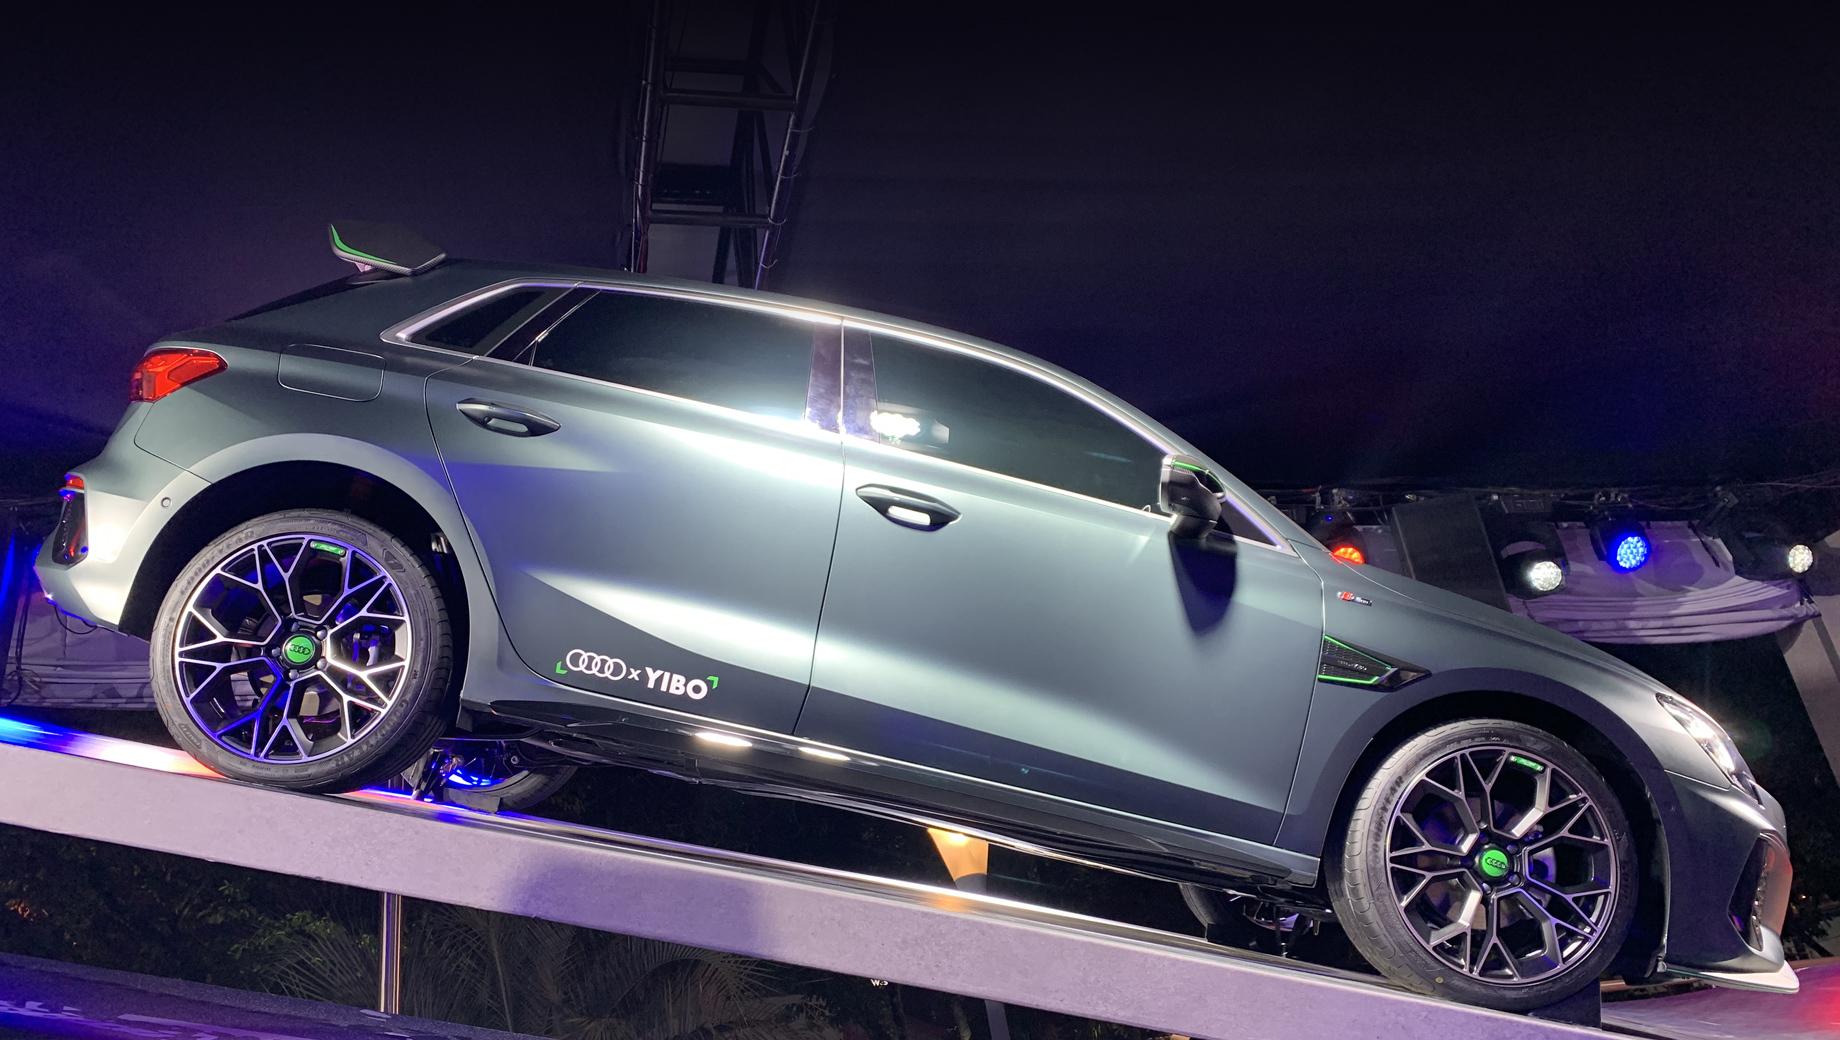 Audi a3. Вытянутому сплиттеру и крупному антикрылу с торцевыми пластинами позавидуют даже S3 с RS 3.